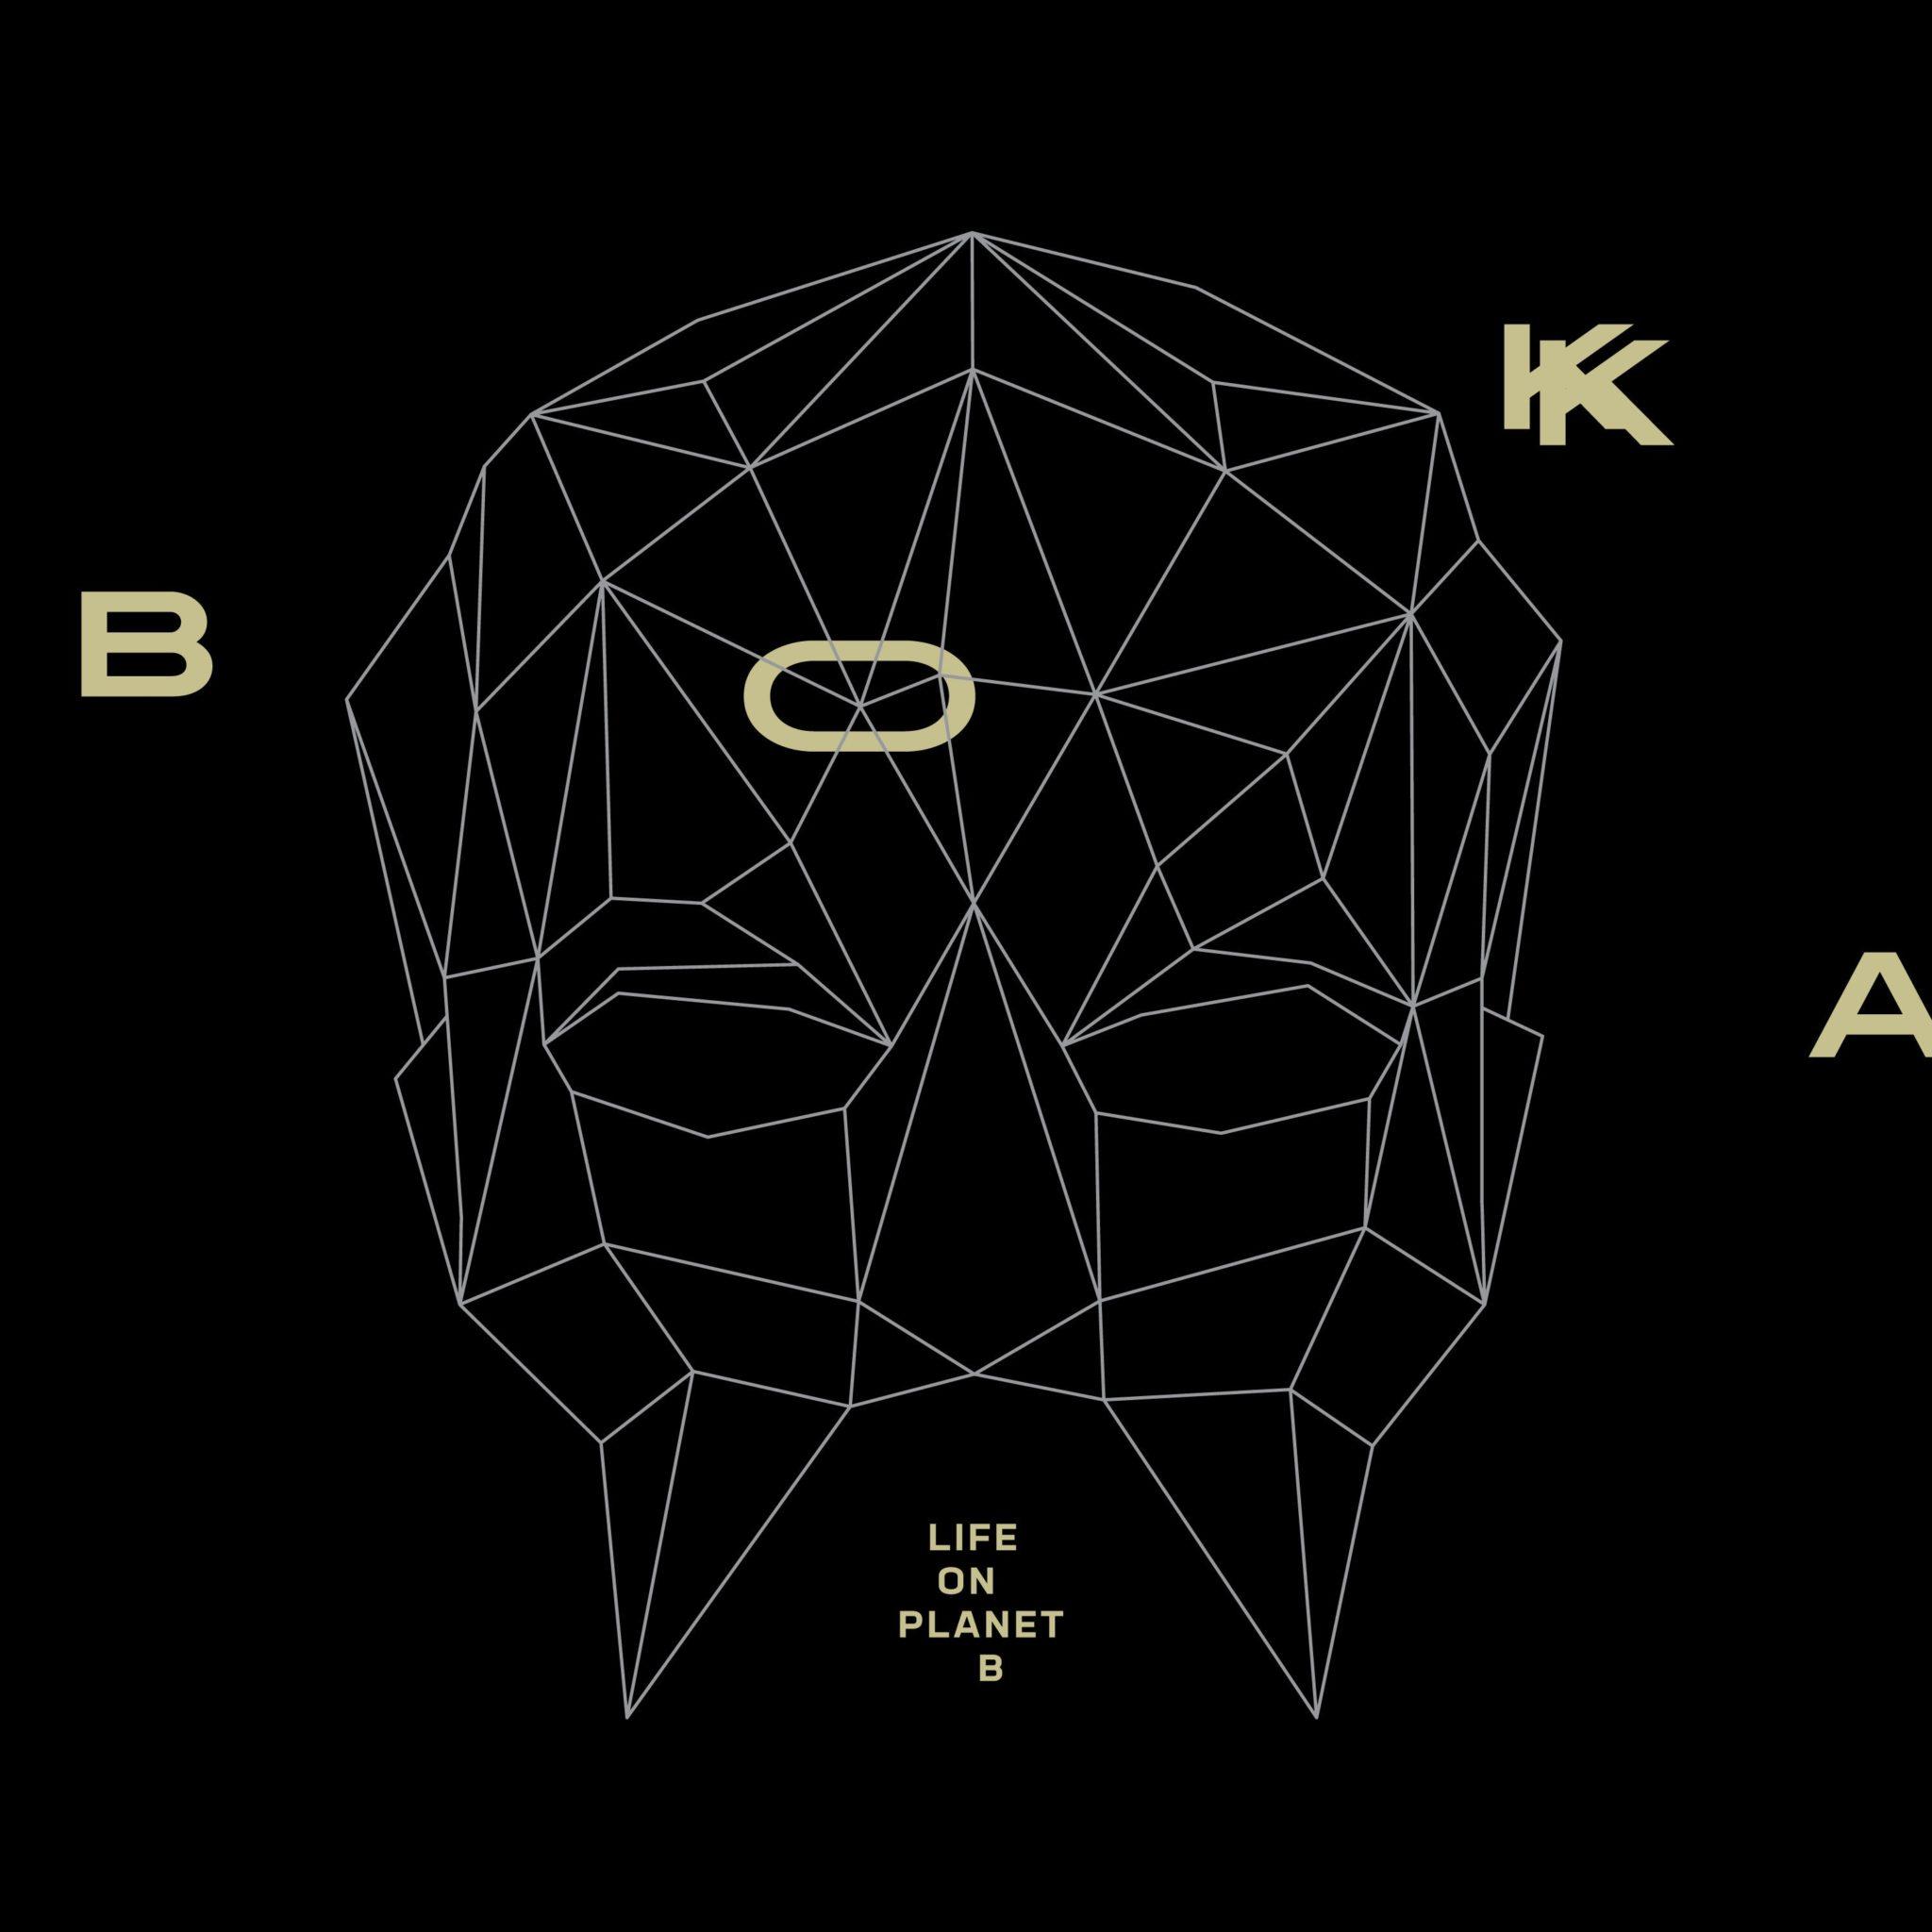 Okładka płyty Bokka